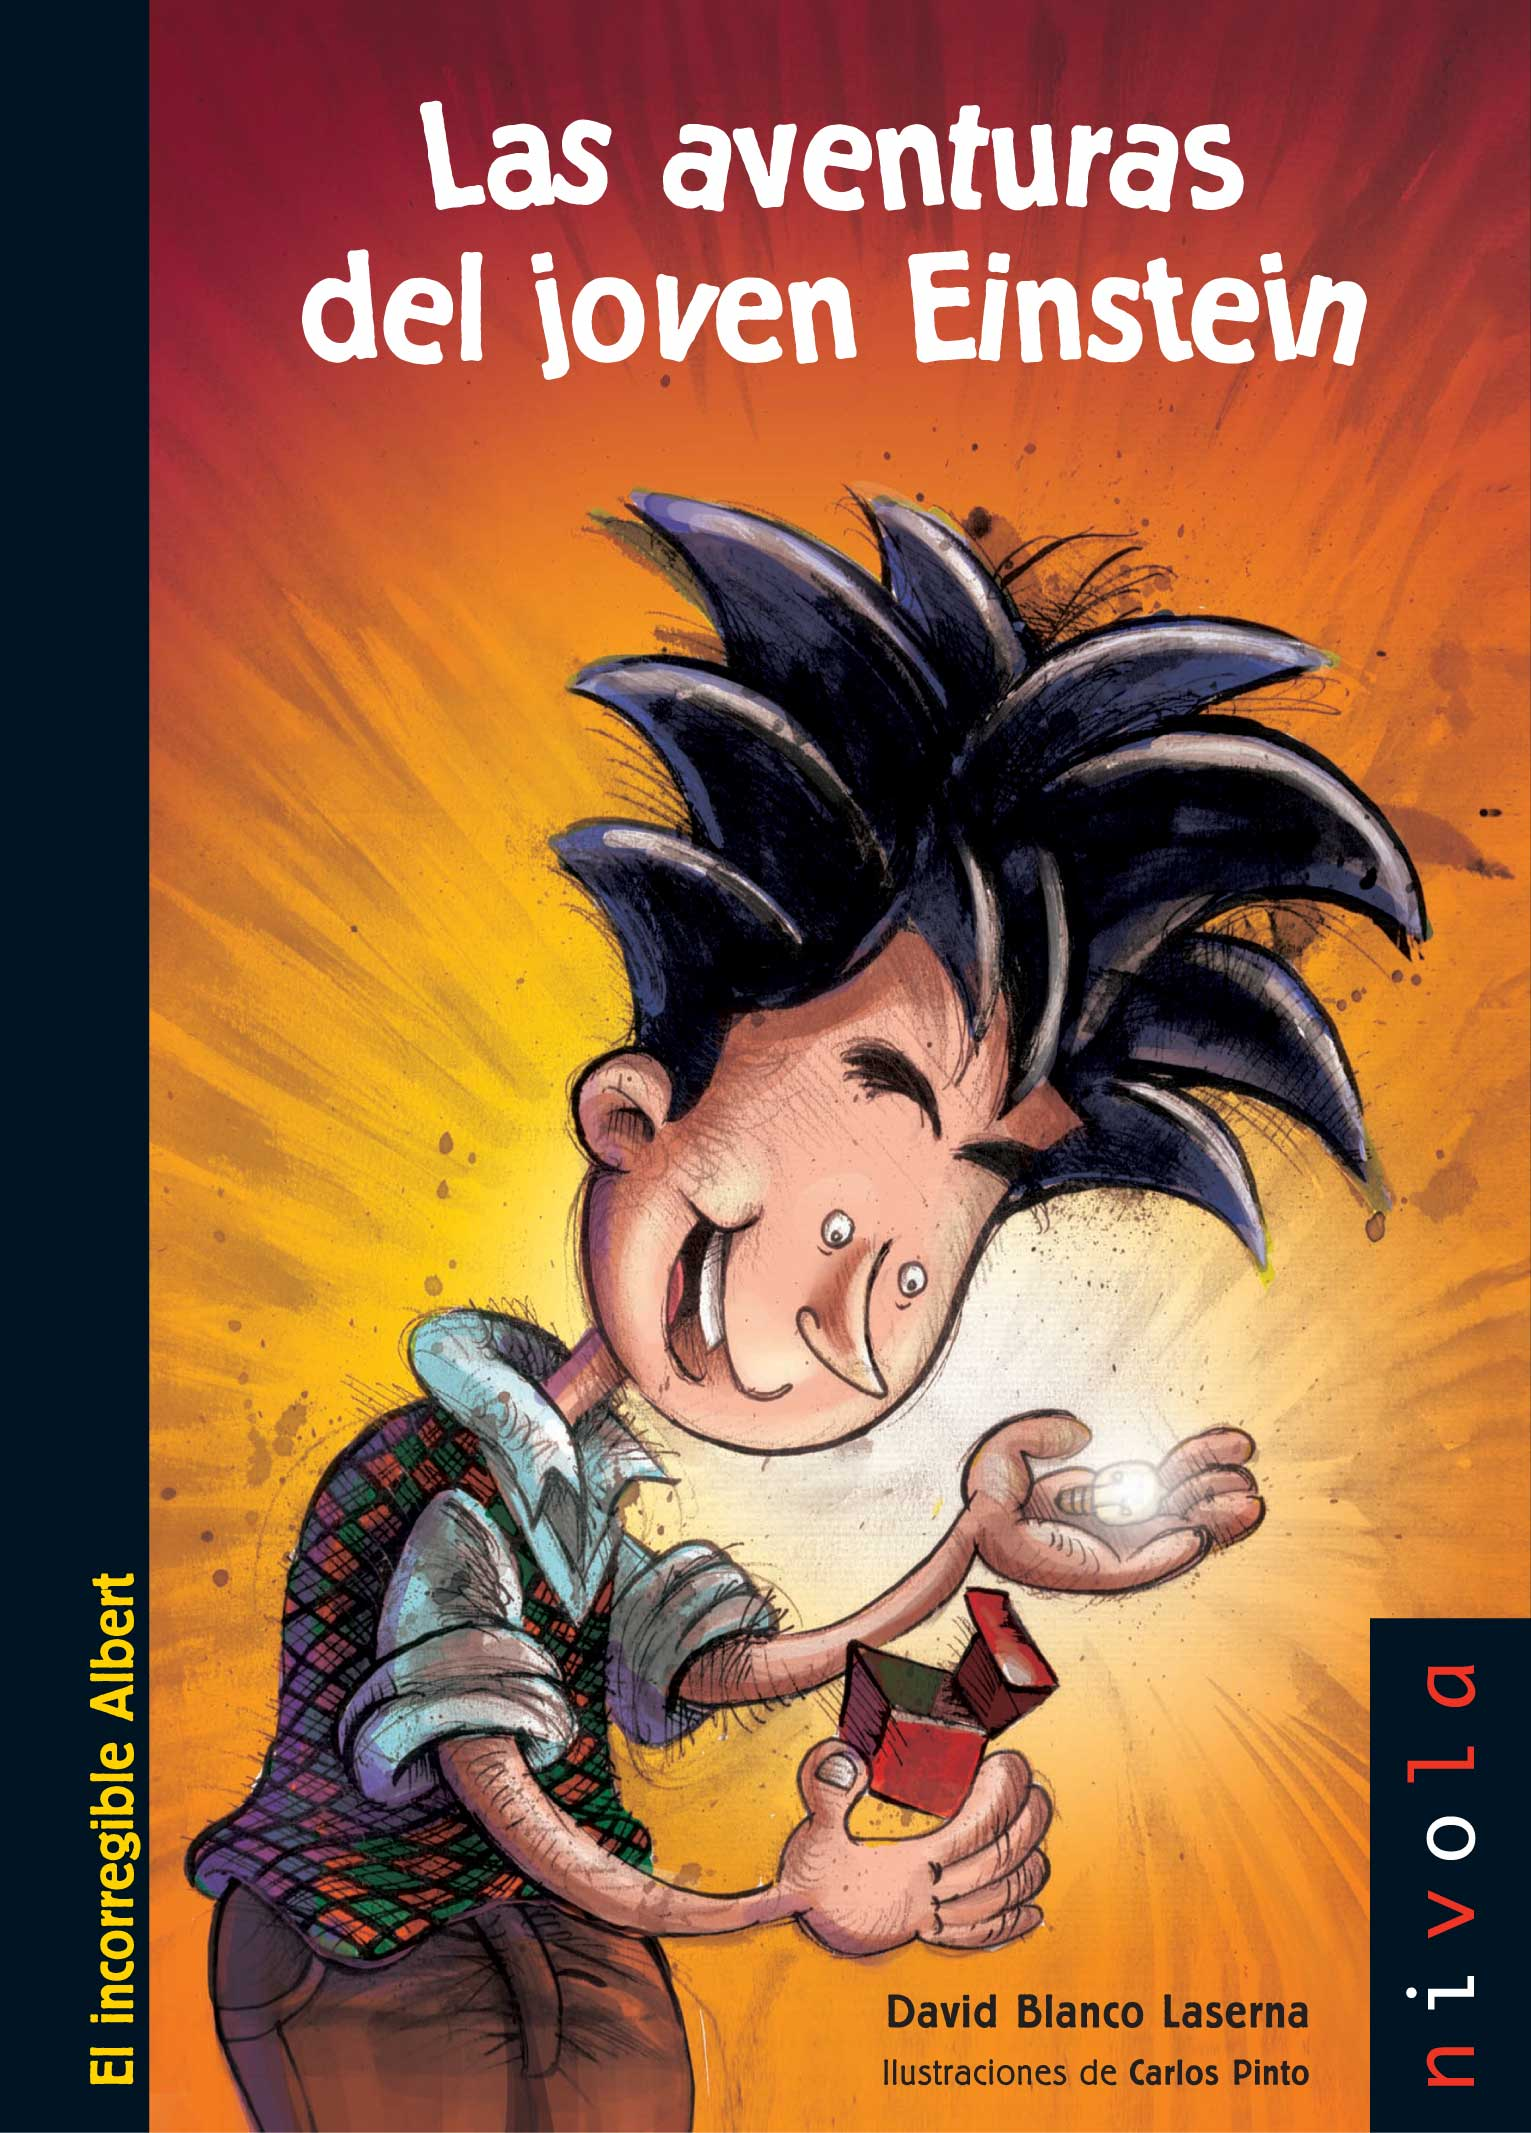 Las aventuras del joven Einstein. Por David Blanco Laserna